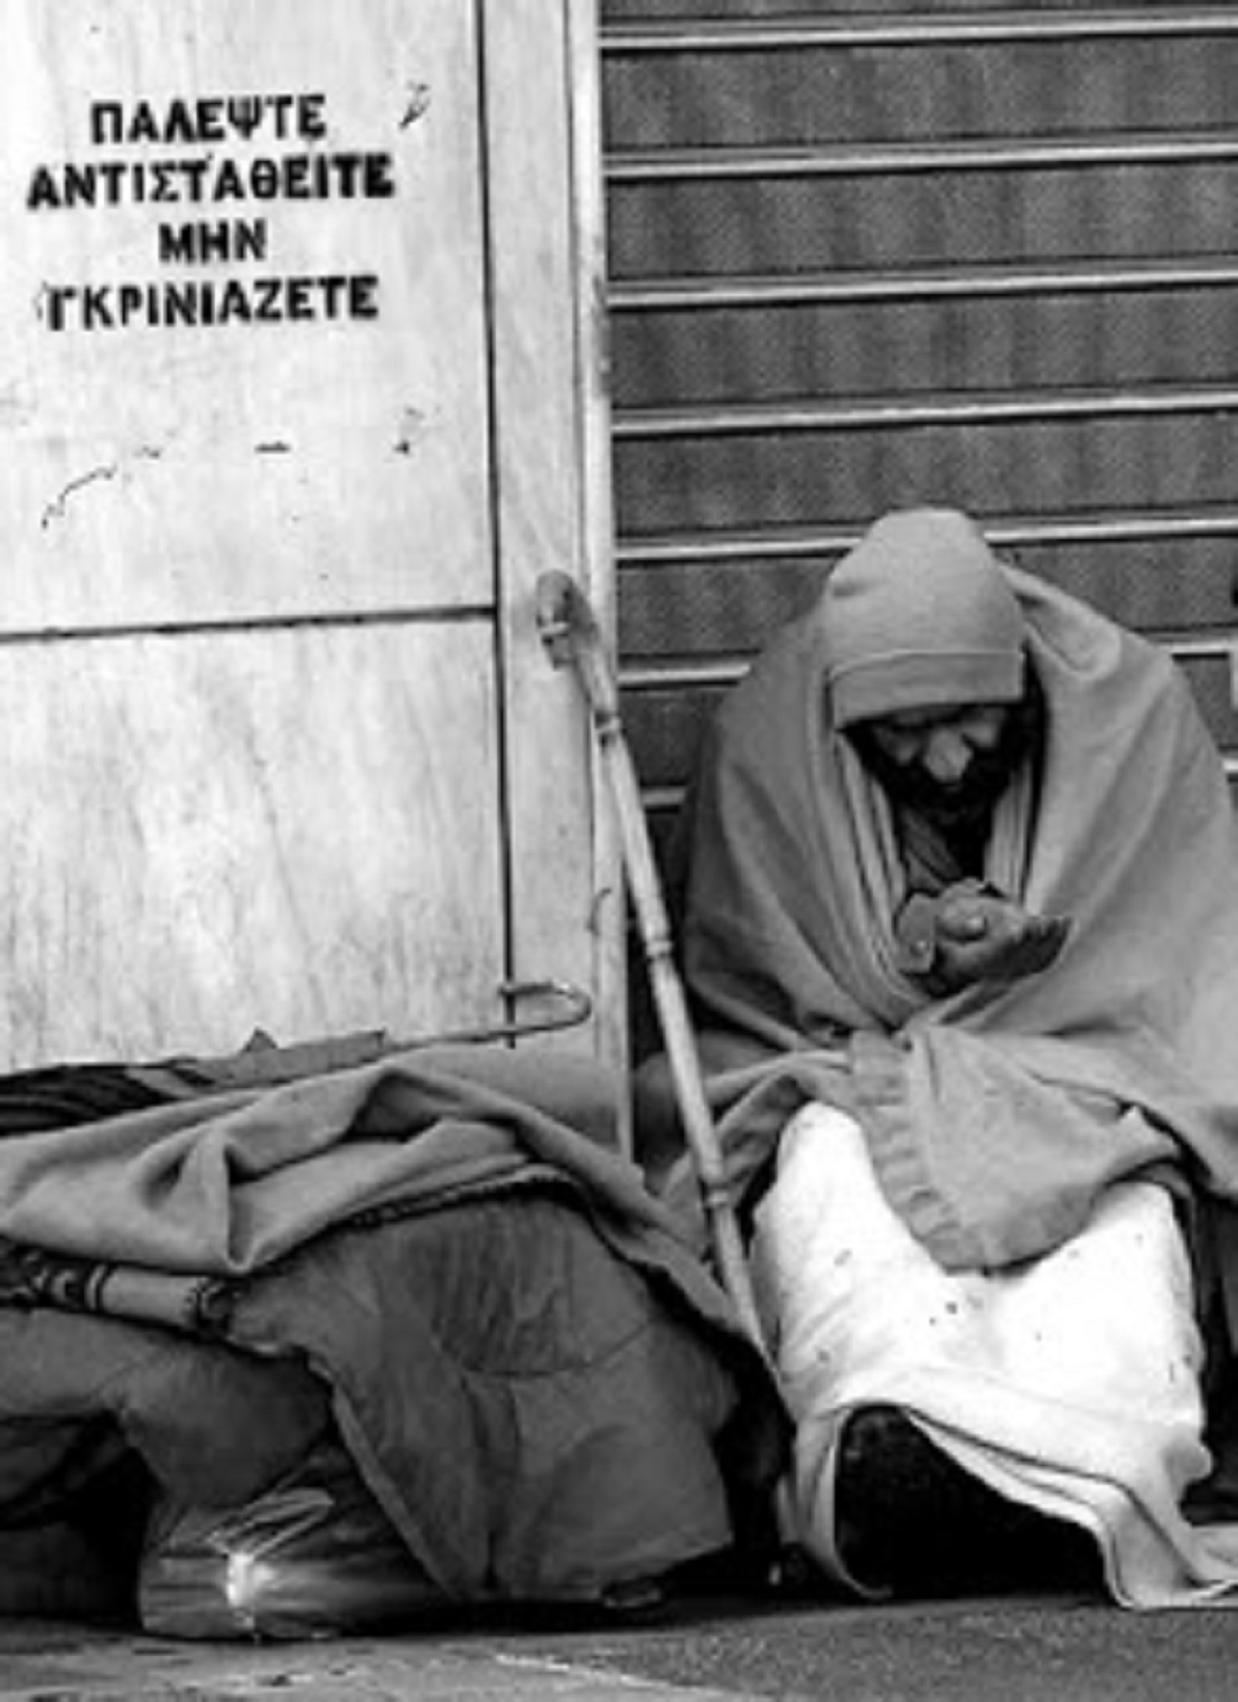 Θύματα εἰρήνης ἤ ἄλλως θύματα δημοκρατικῶν ἐπιλογῶν!